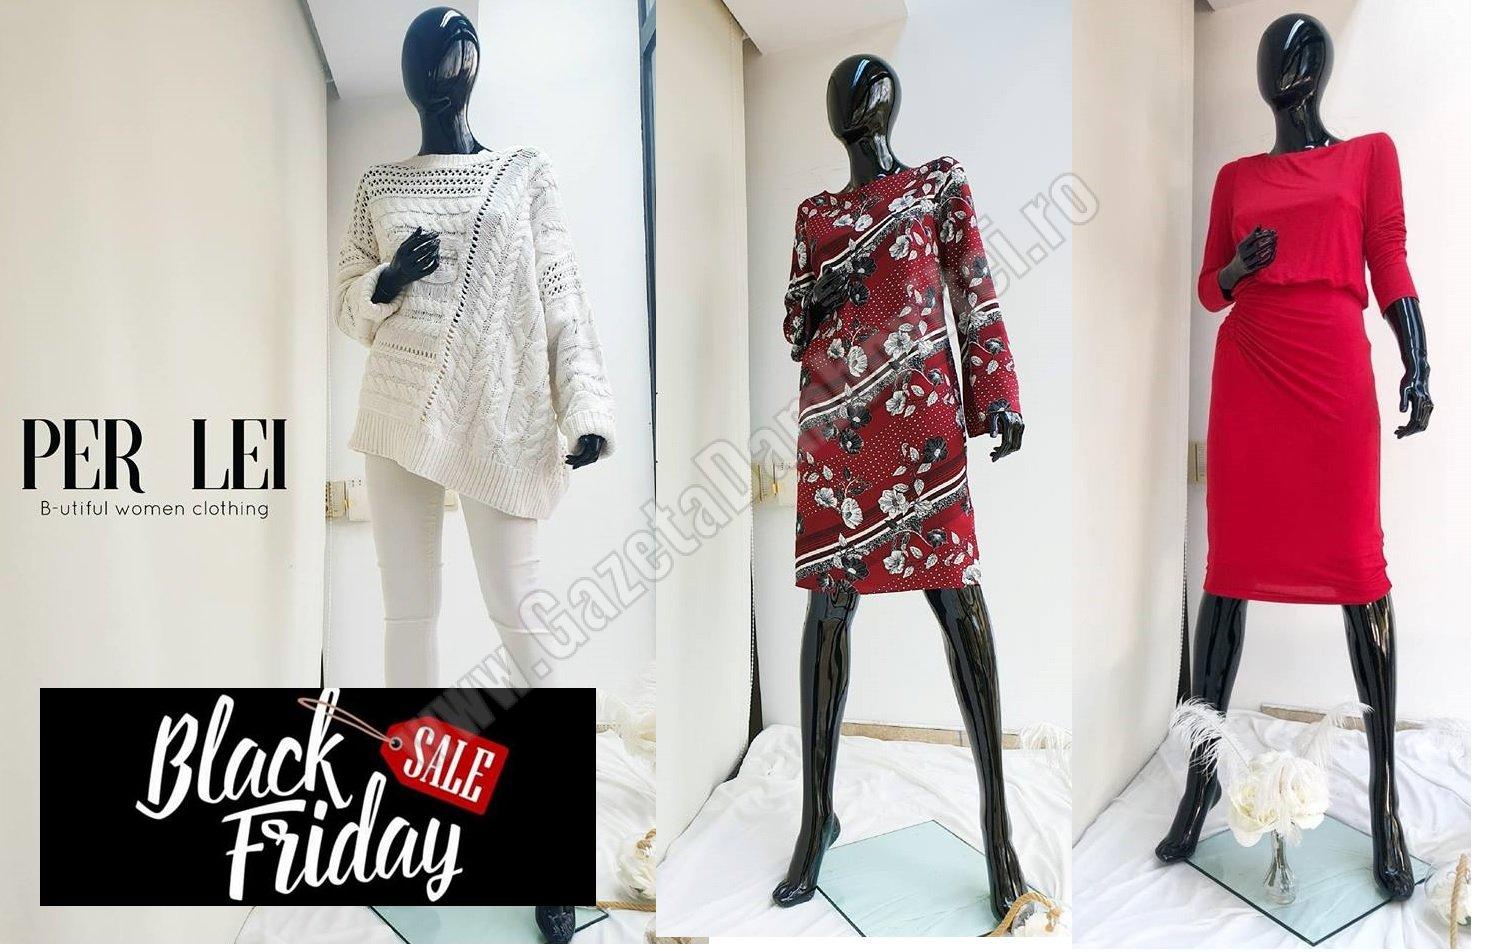 Black Friday la Per Lei! Reducere de 50% la produse românești, de înaltă calitate